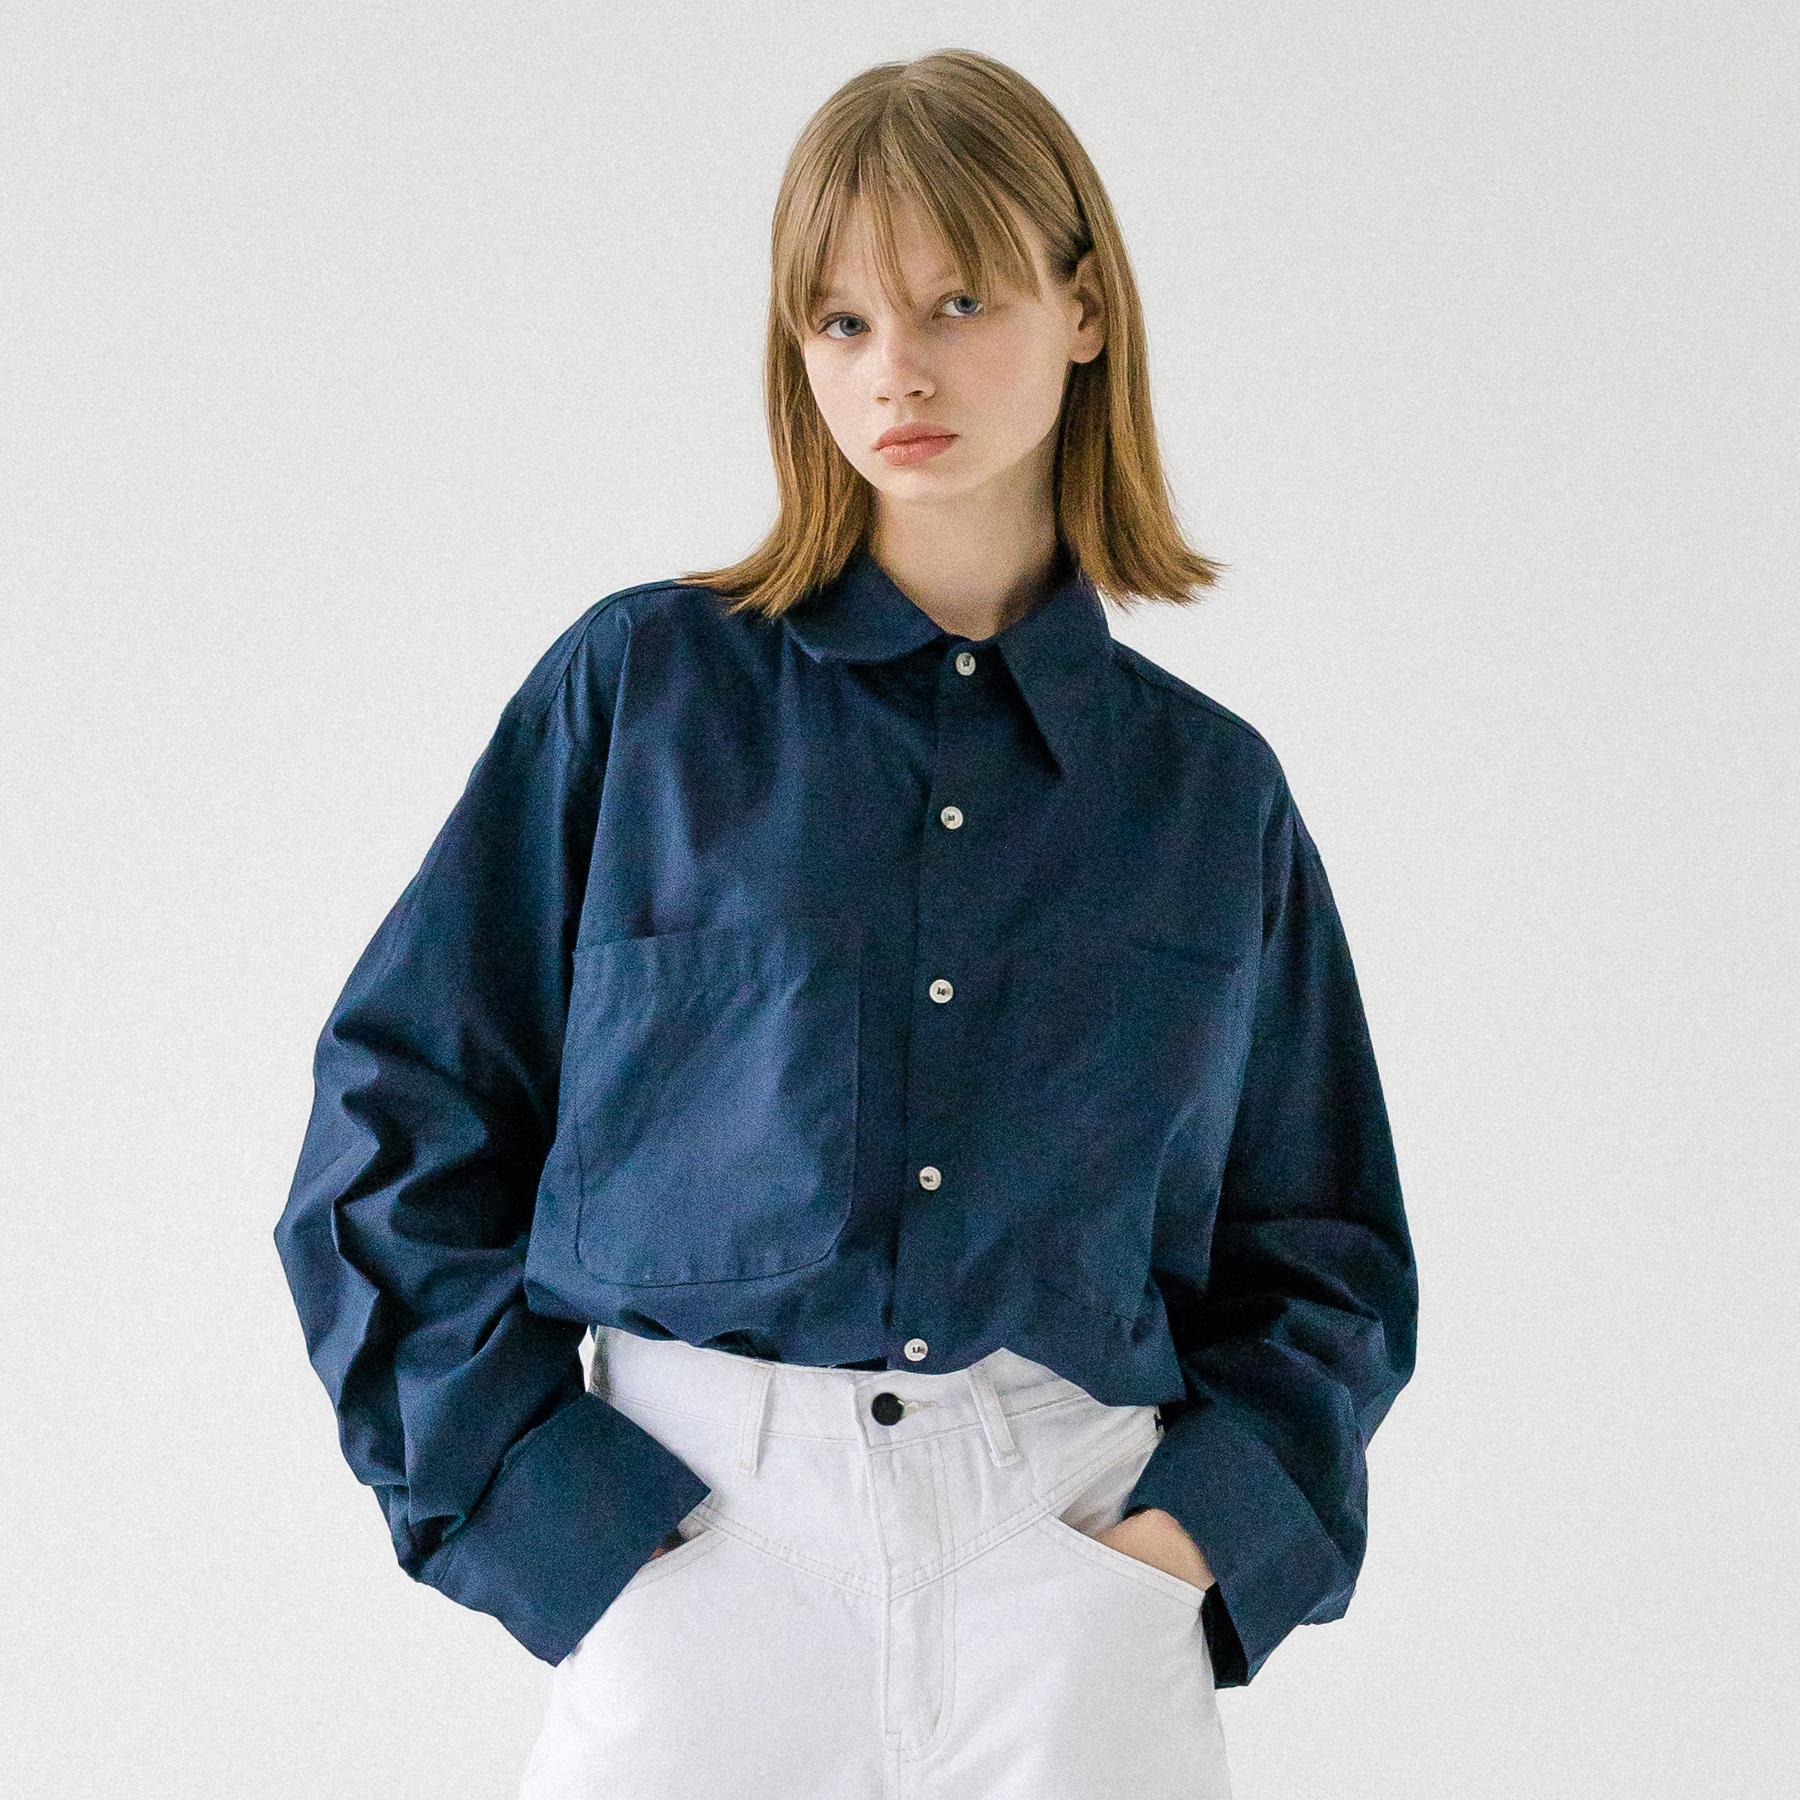 아더로브 유니섹스 더블포켓 베이직 셔츠 AST193001-NV